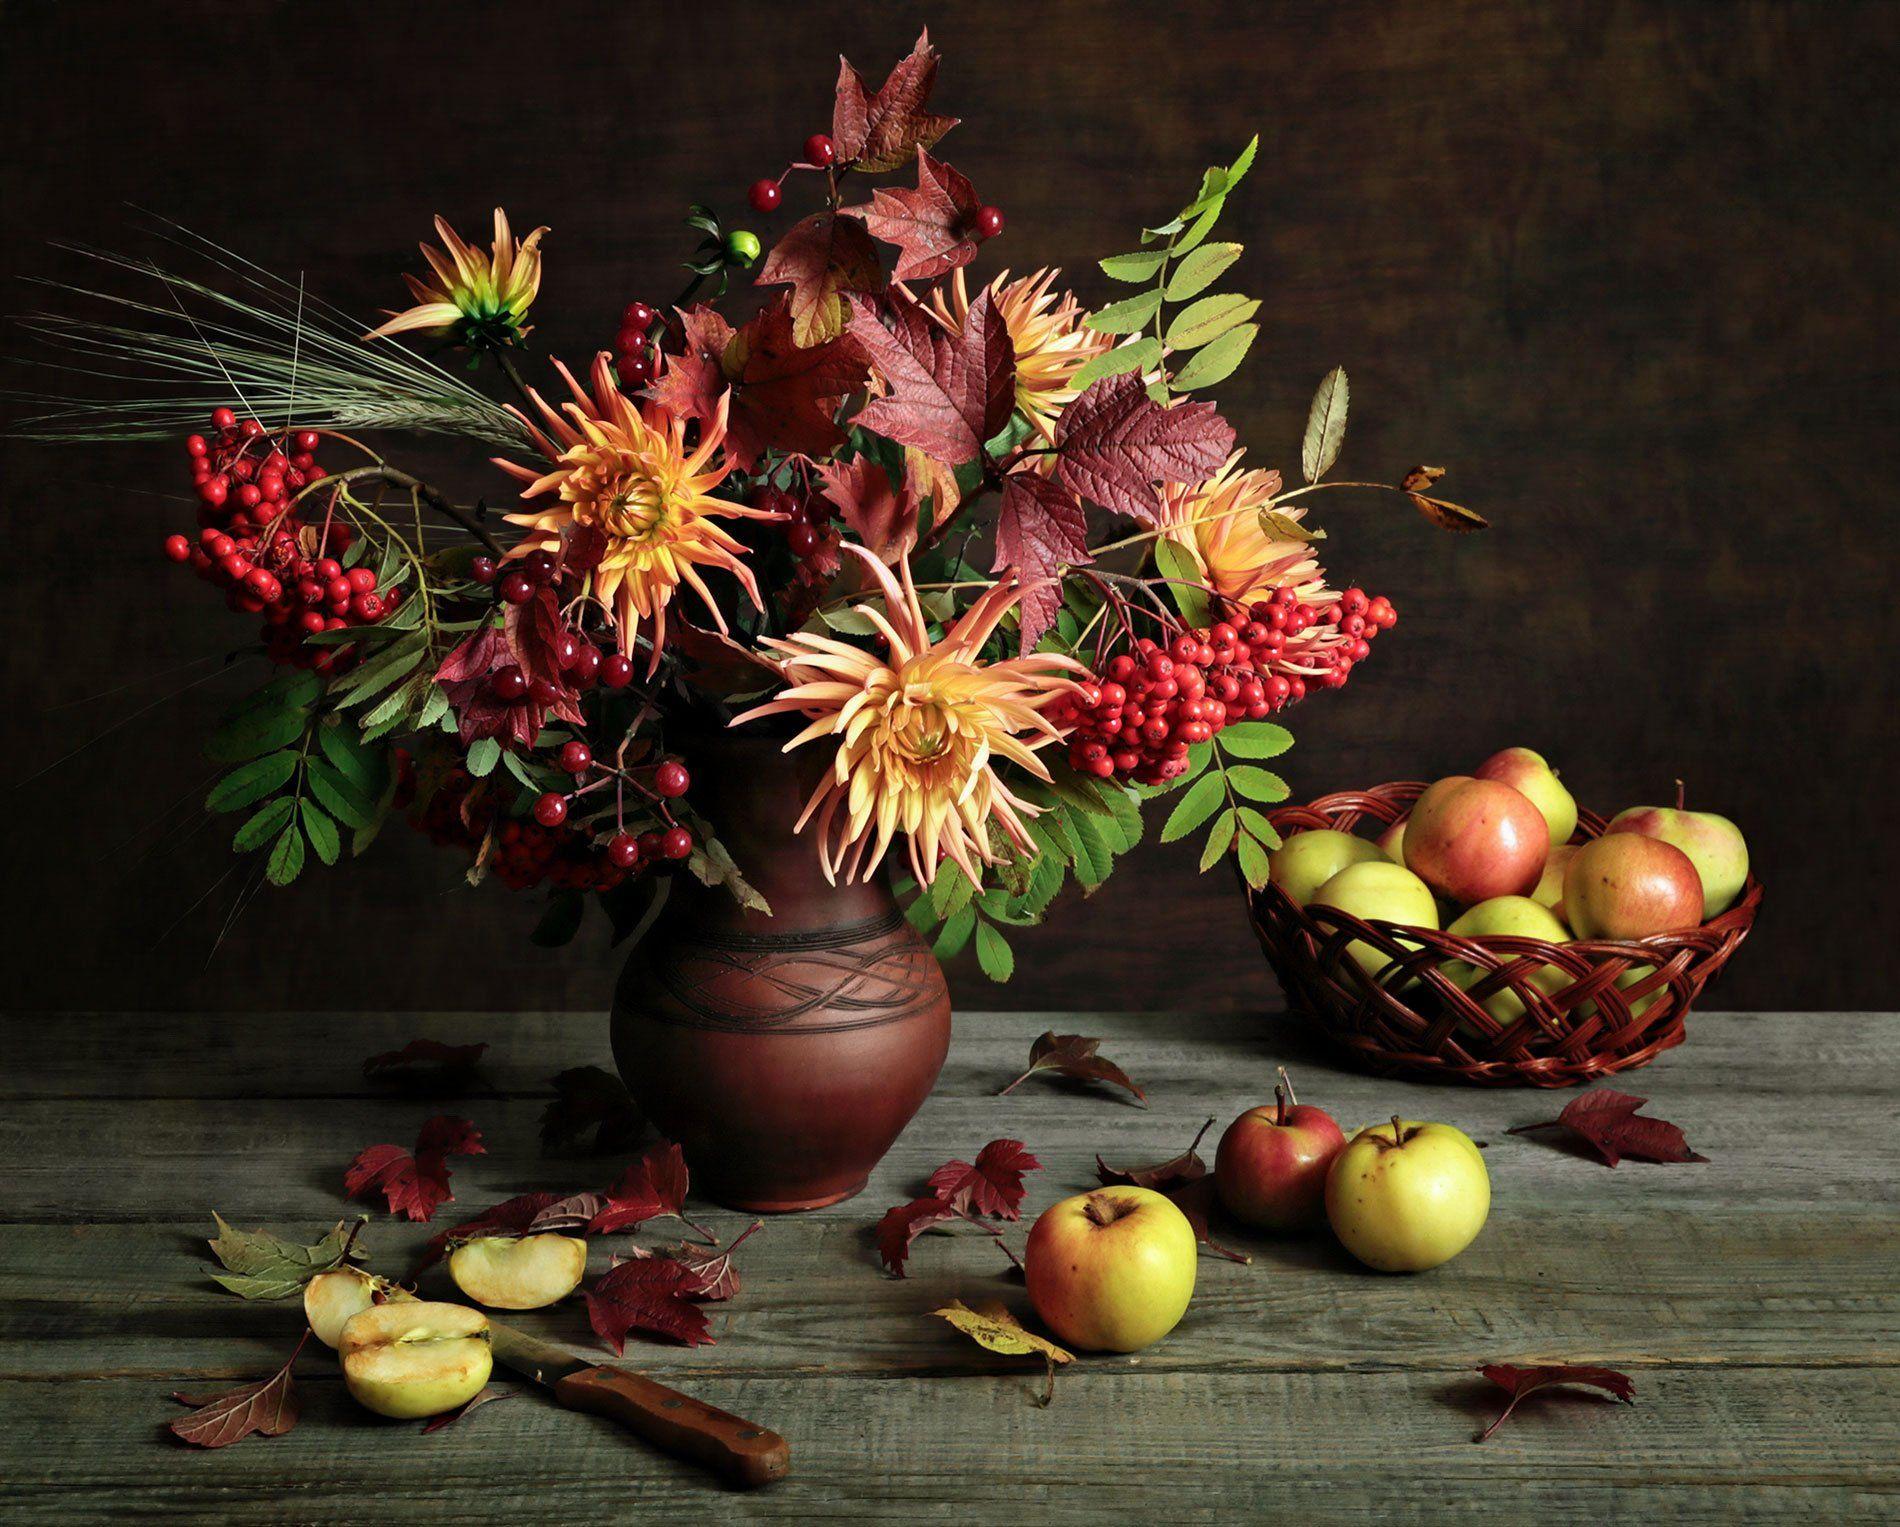 Яблоки, калина, рябина, кринка, нож, Лопатина Вера